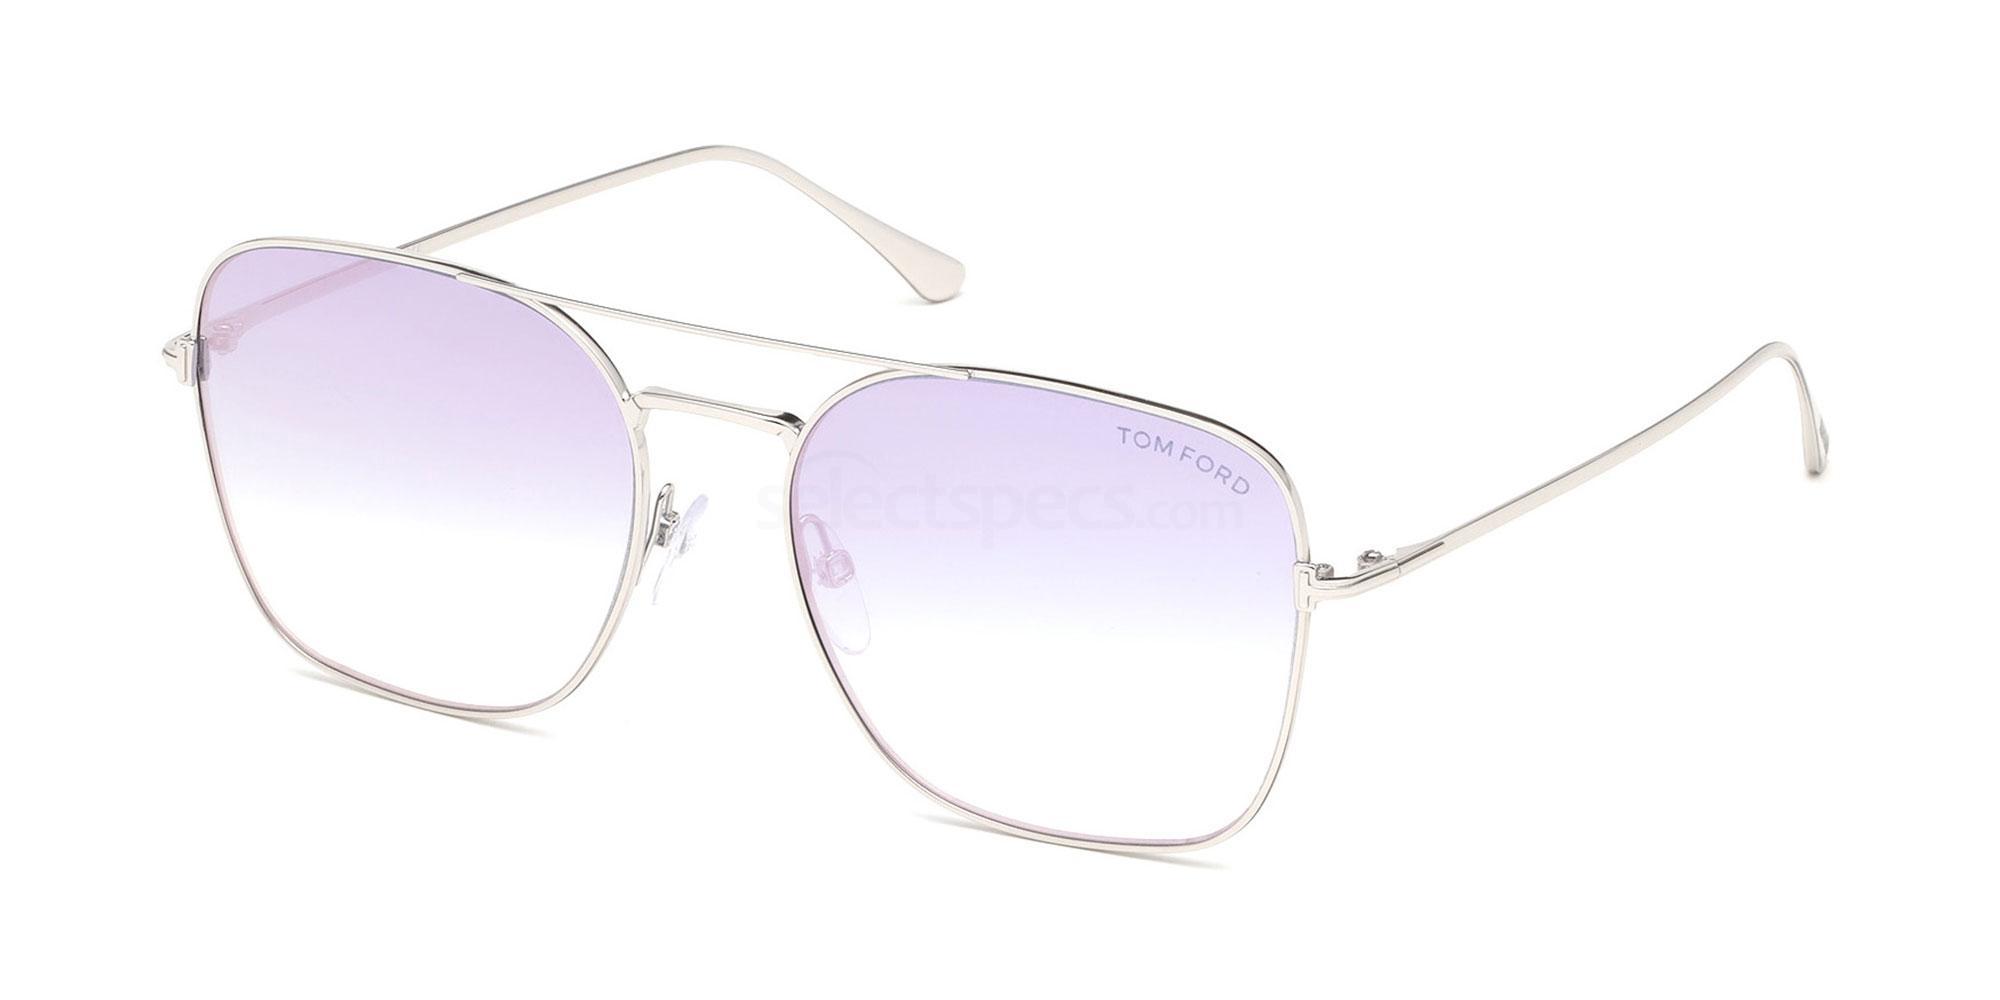 16Z FT0680 Sunglasses, Tom Ford